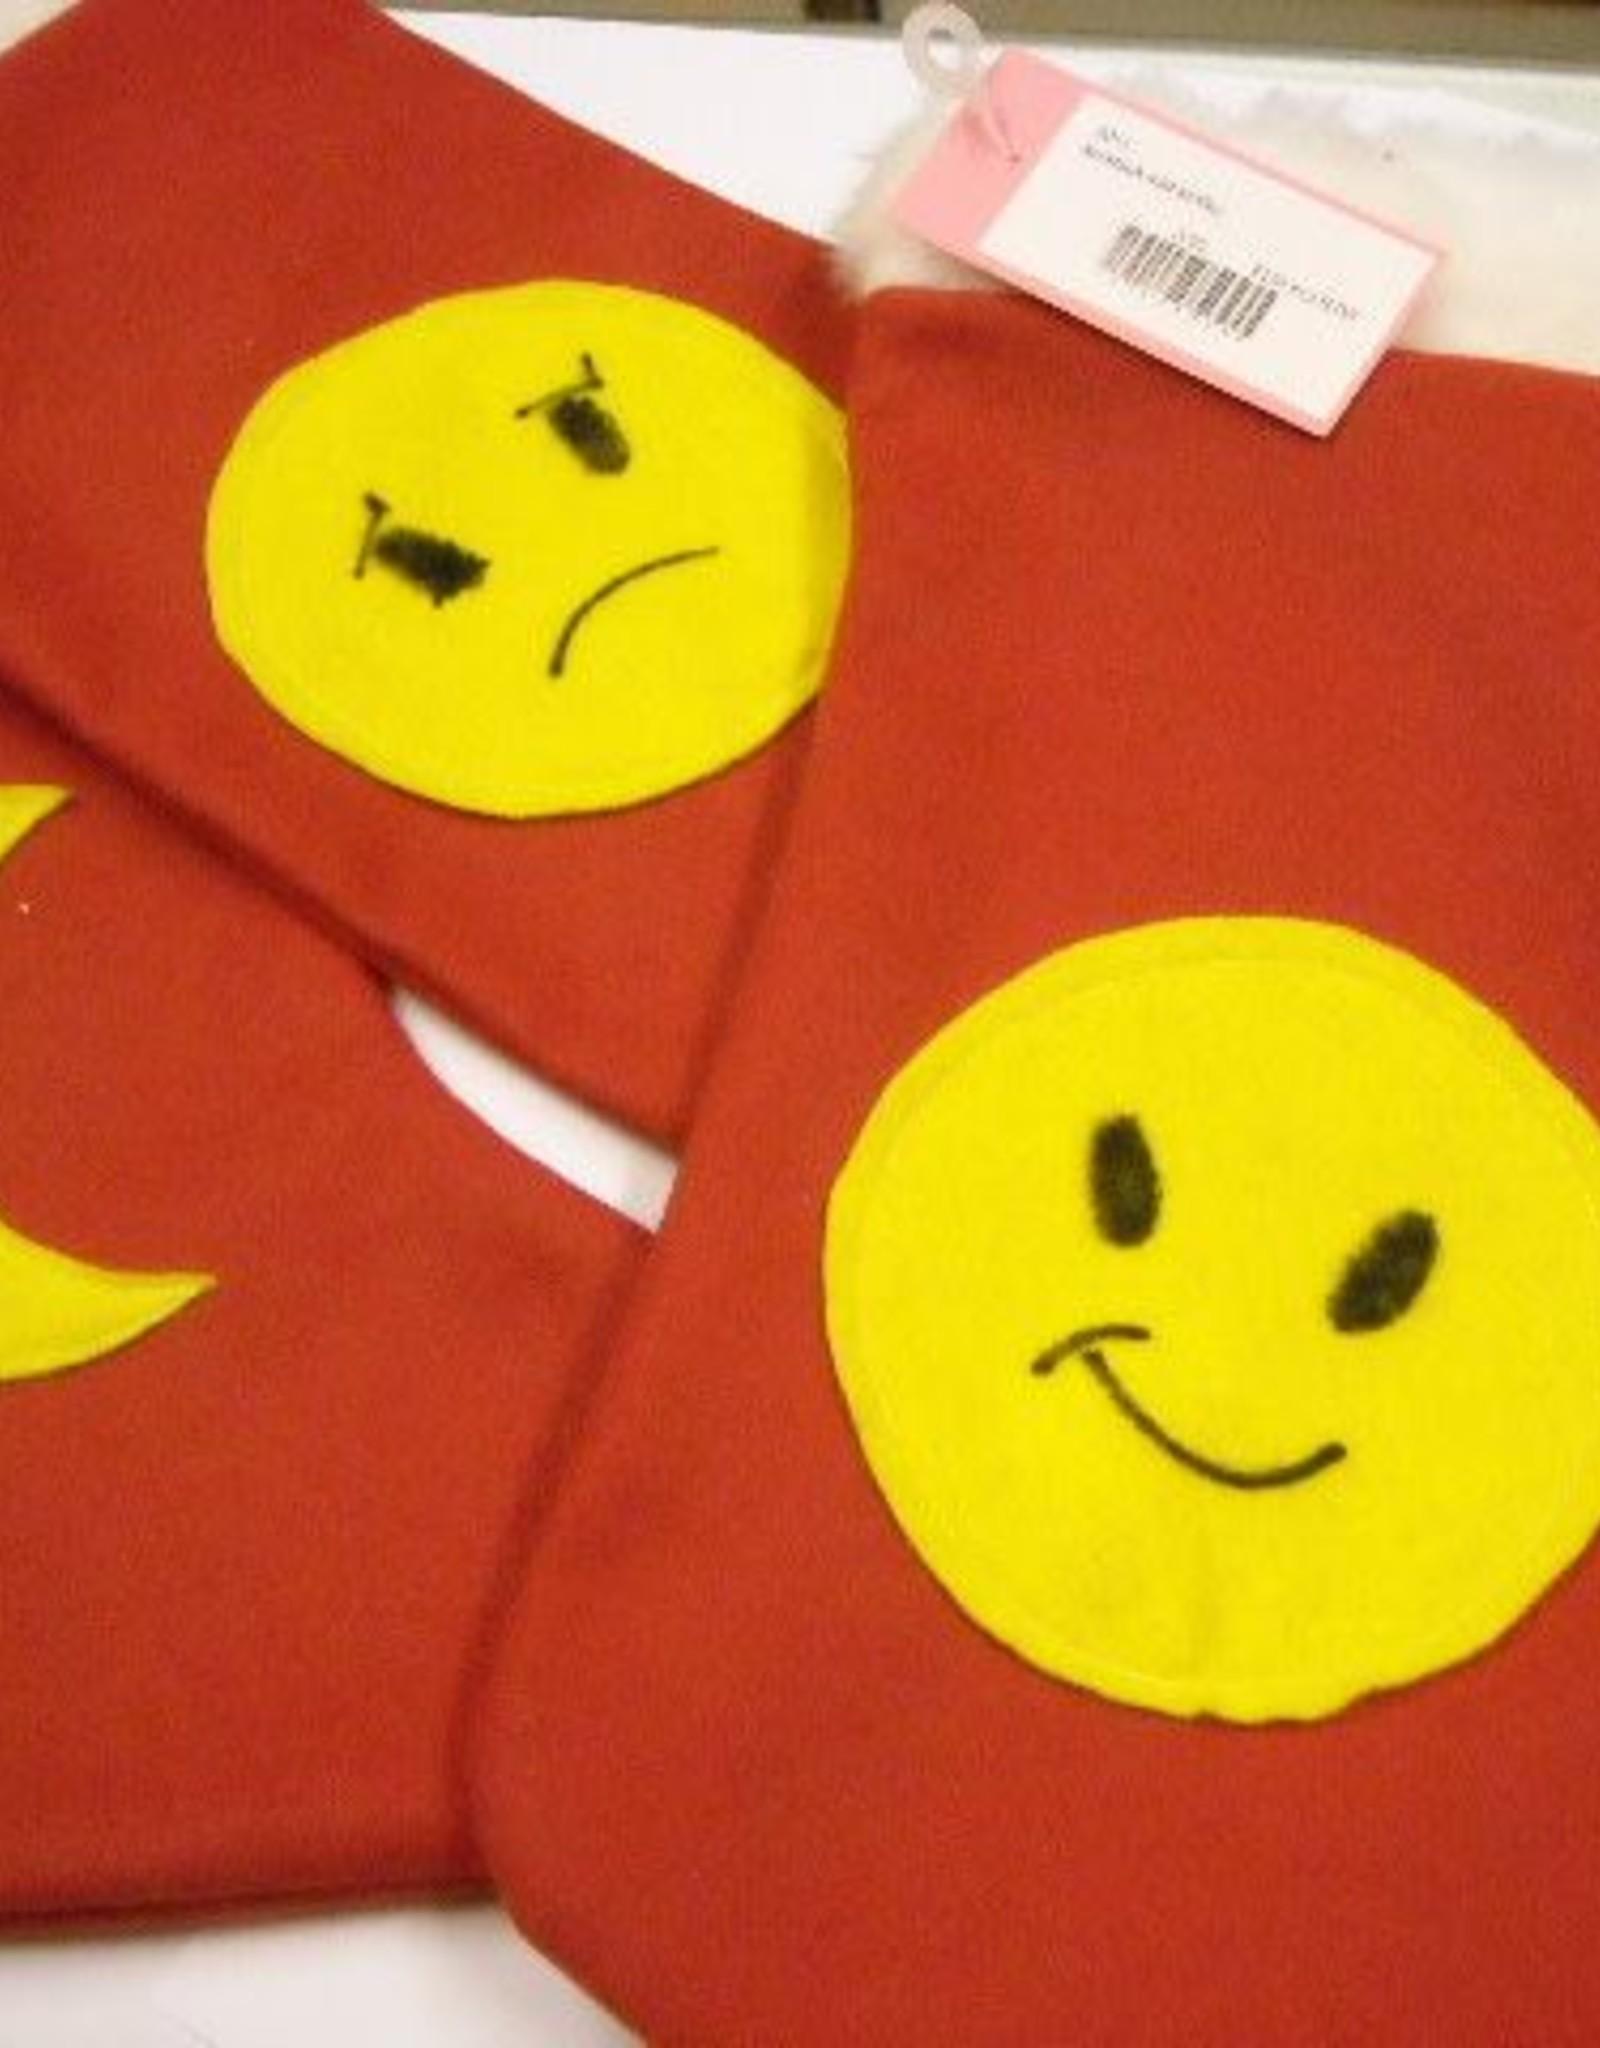 kerstsok met smiley